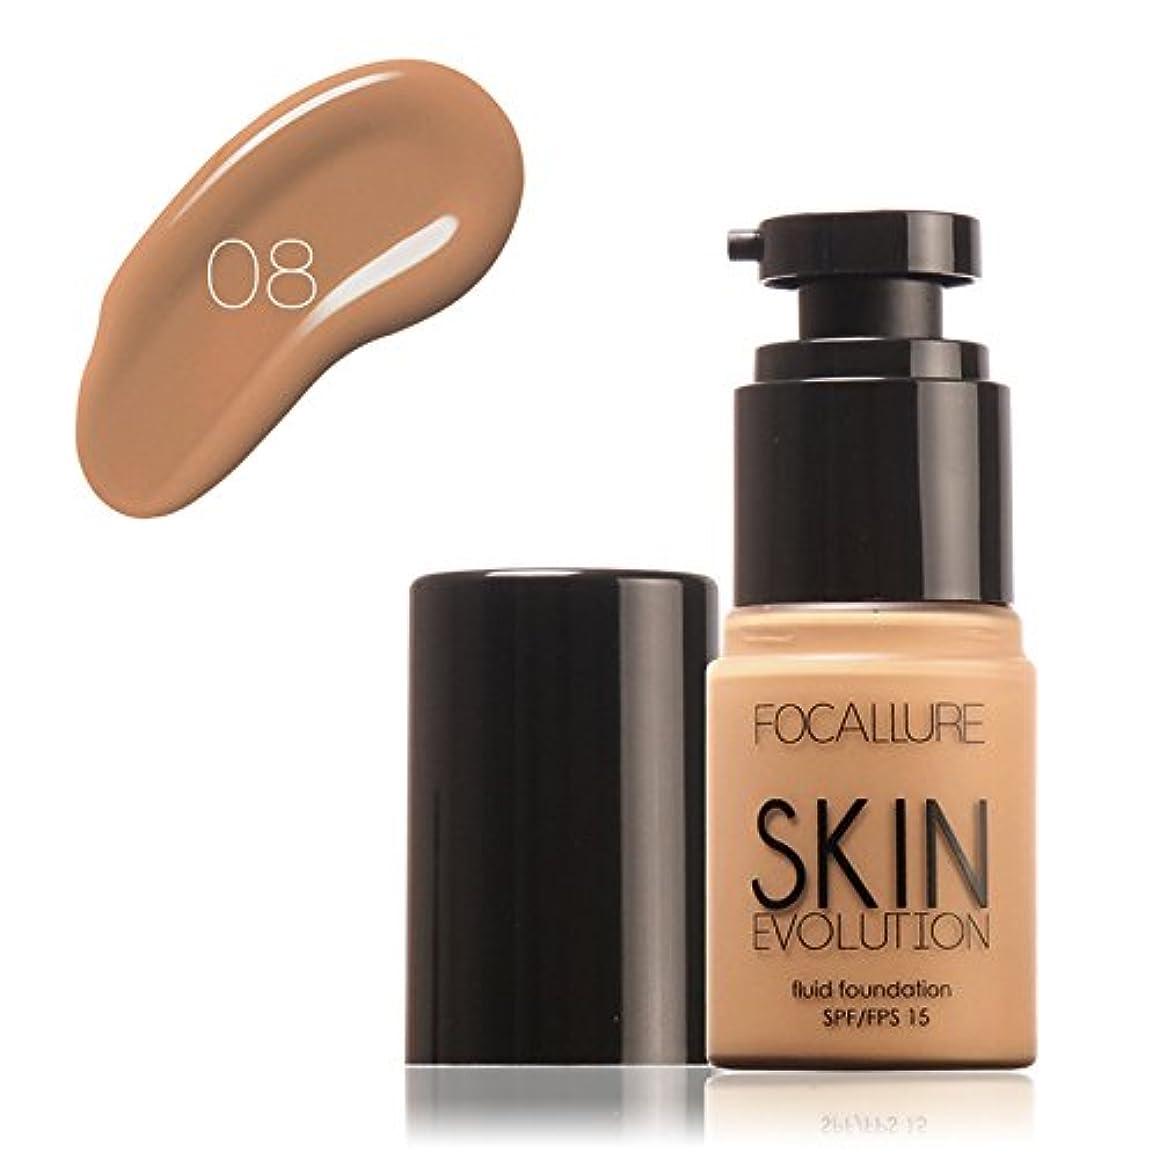 必要としている苦い慣習Symboat BBクリーム リキッド ファンデーション 美白 ブライトナー コンシーラー ロングラスティング フェイスベース プライマー メイクアップ 化粧ベース 美容 化粧品 シミ くま ニキビ隠し 日焼け止め UV対策